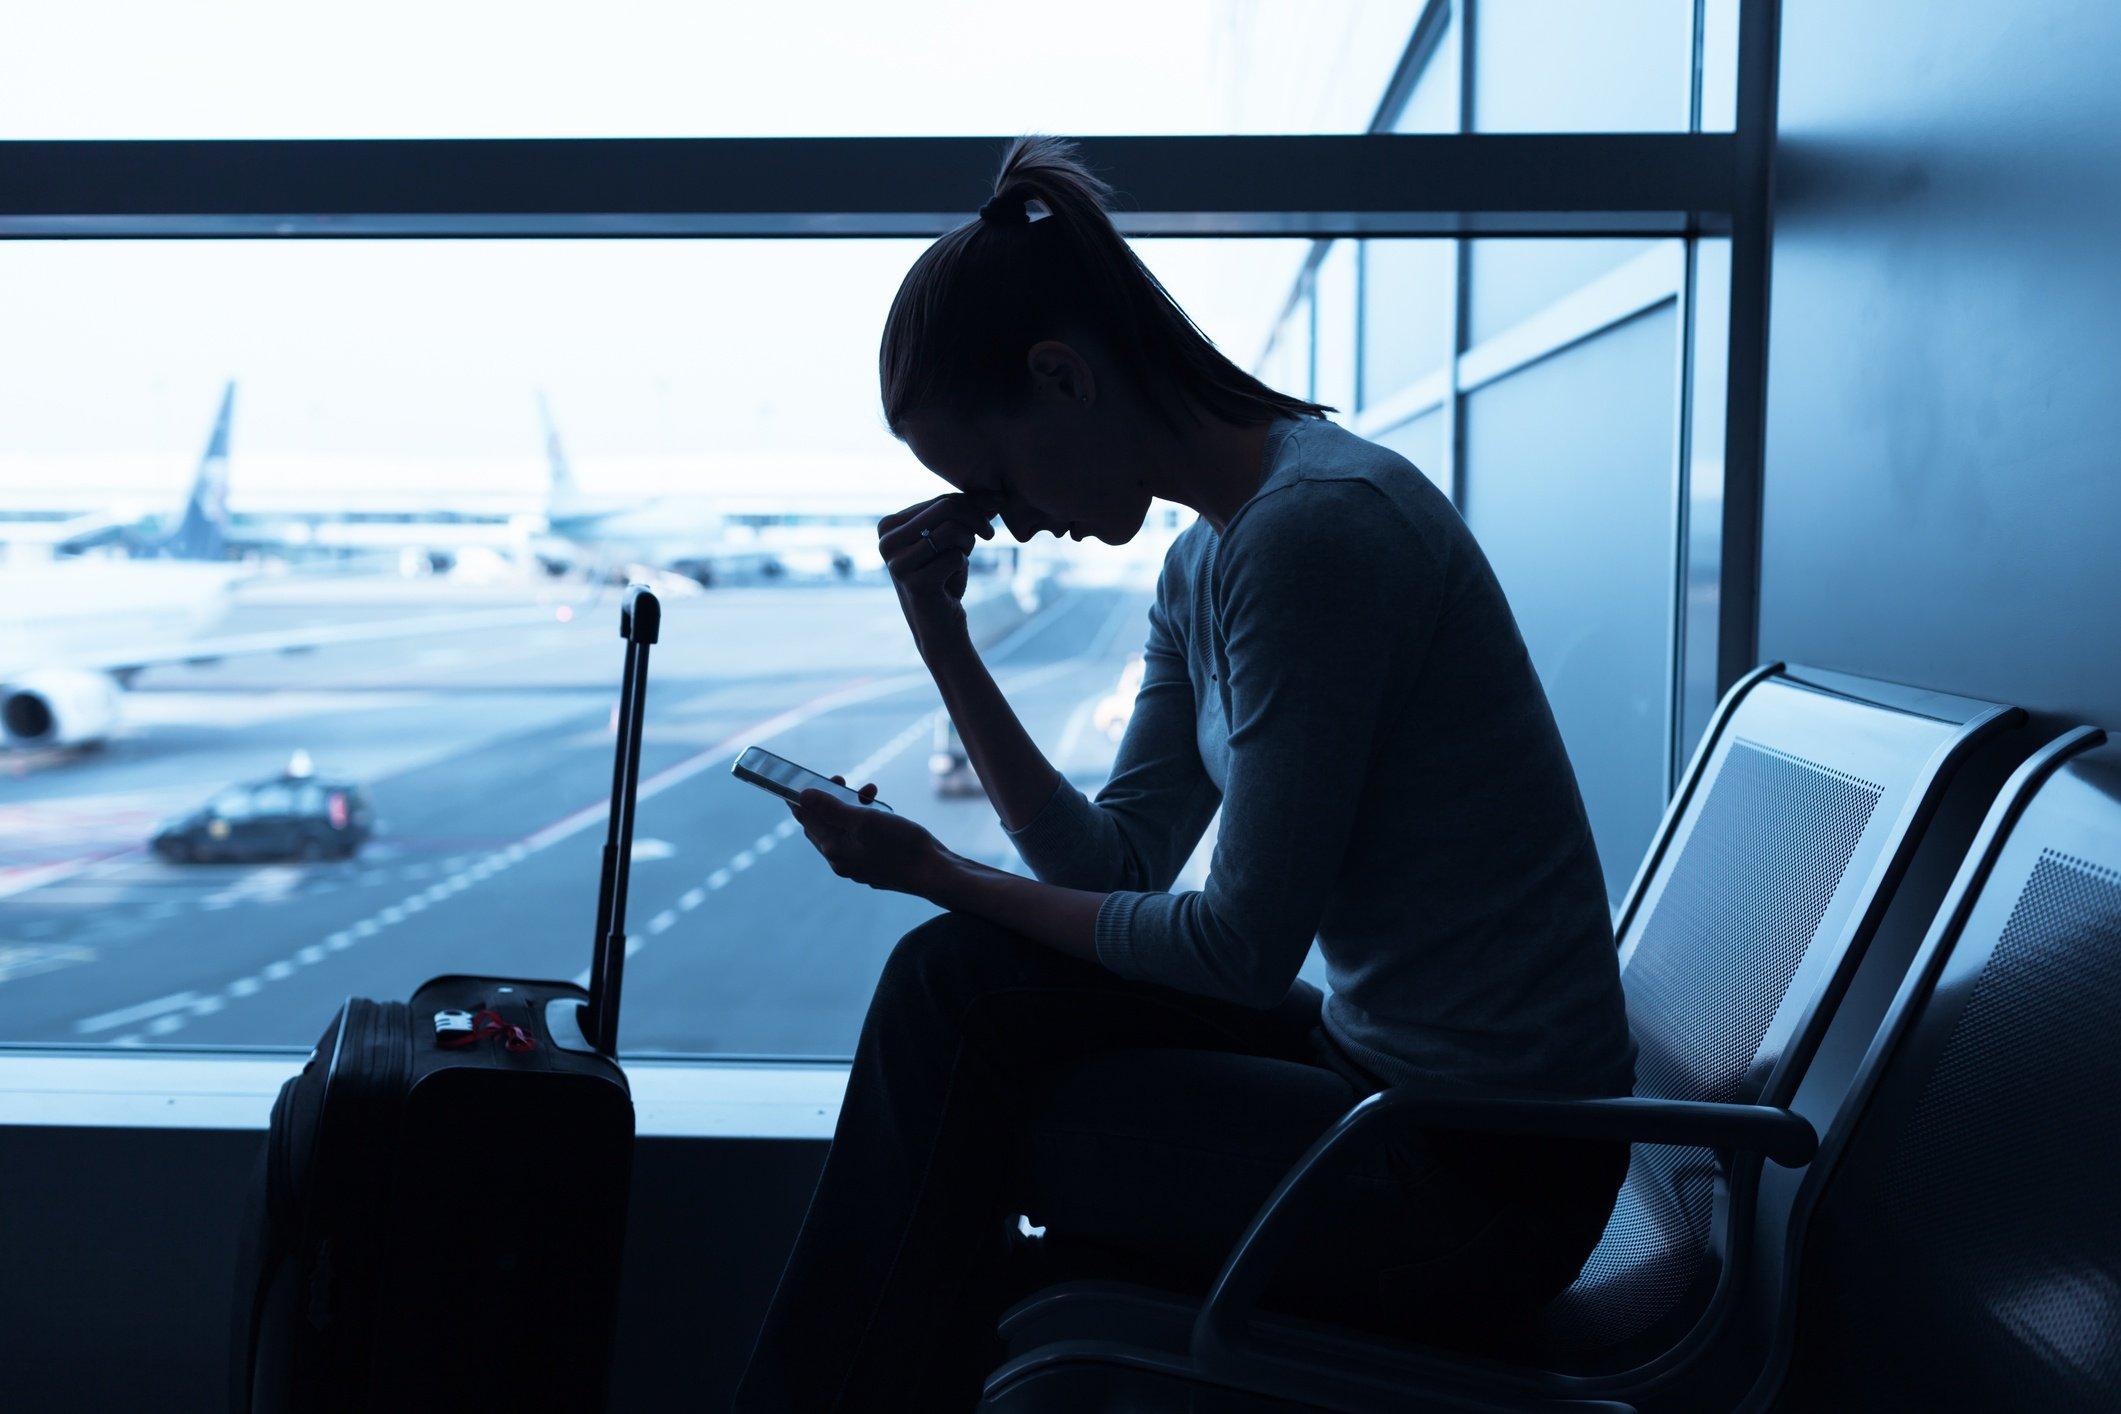 5 Preguntas que debes hacer a los clientes que abandonan tu empresa